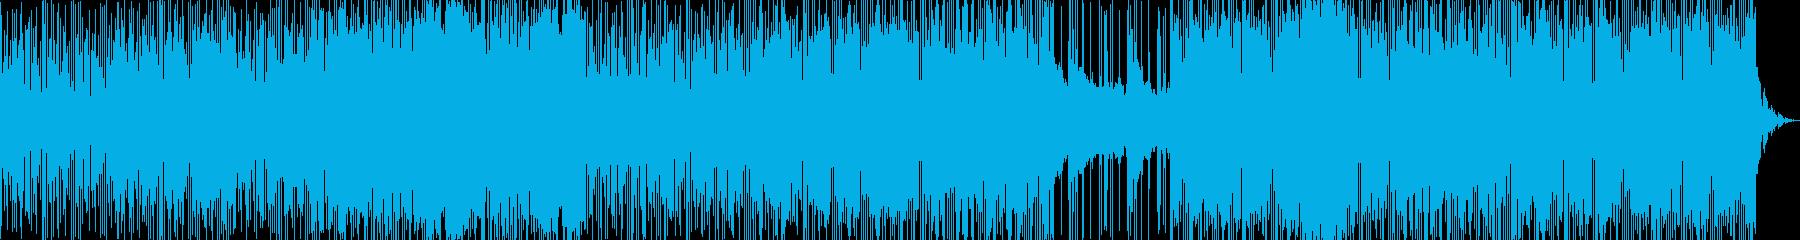 DARKでDOPEなTRAP曲の再生済みの波形